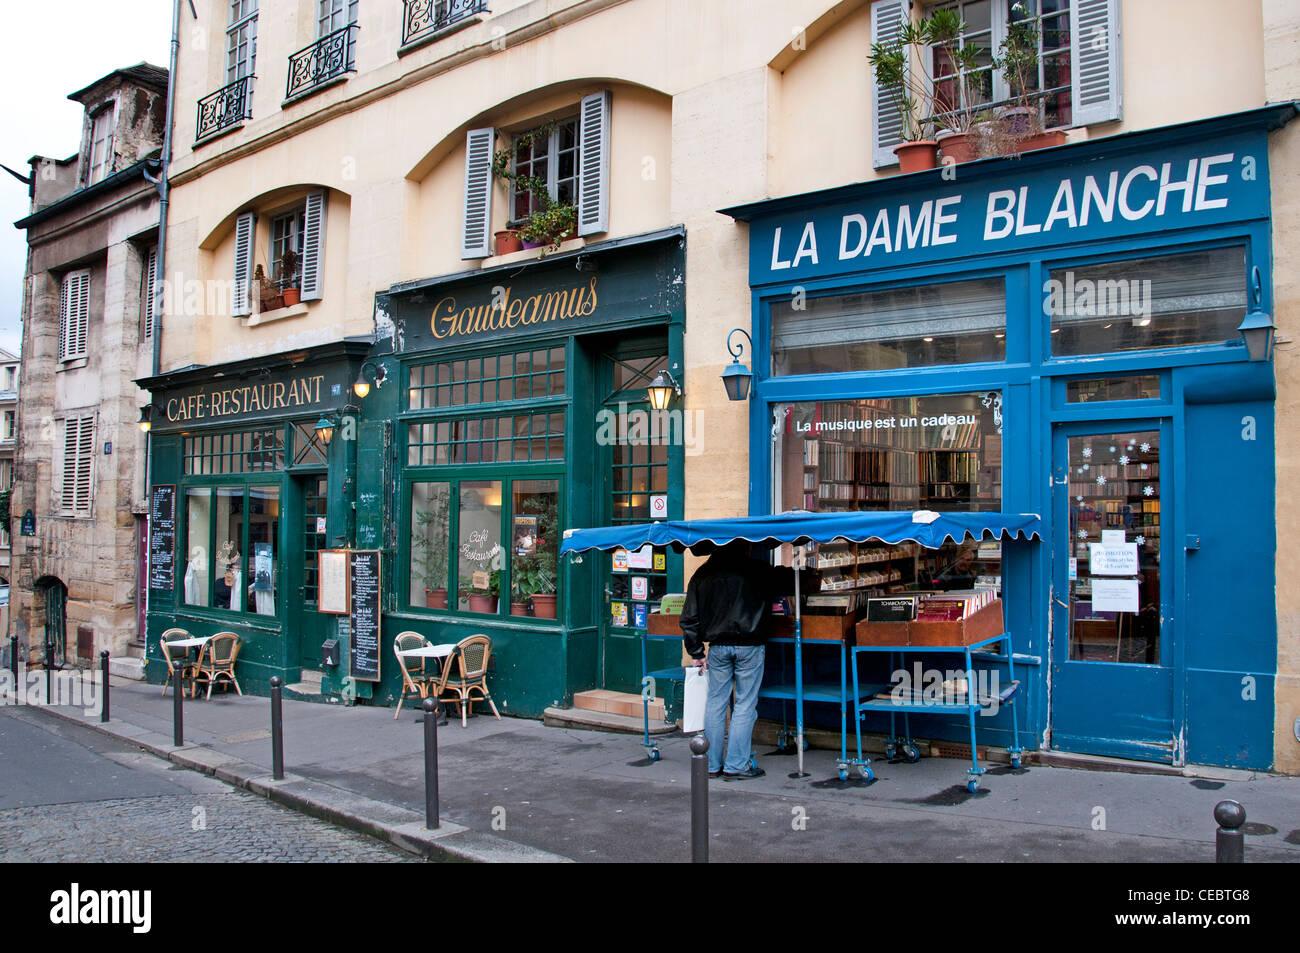 Café Restaurant Gaudeamus - La Dame Blanche La Sorbonne Quartier Latin Paris France - Stock Image